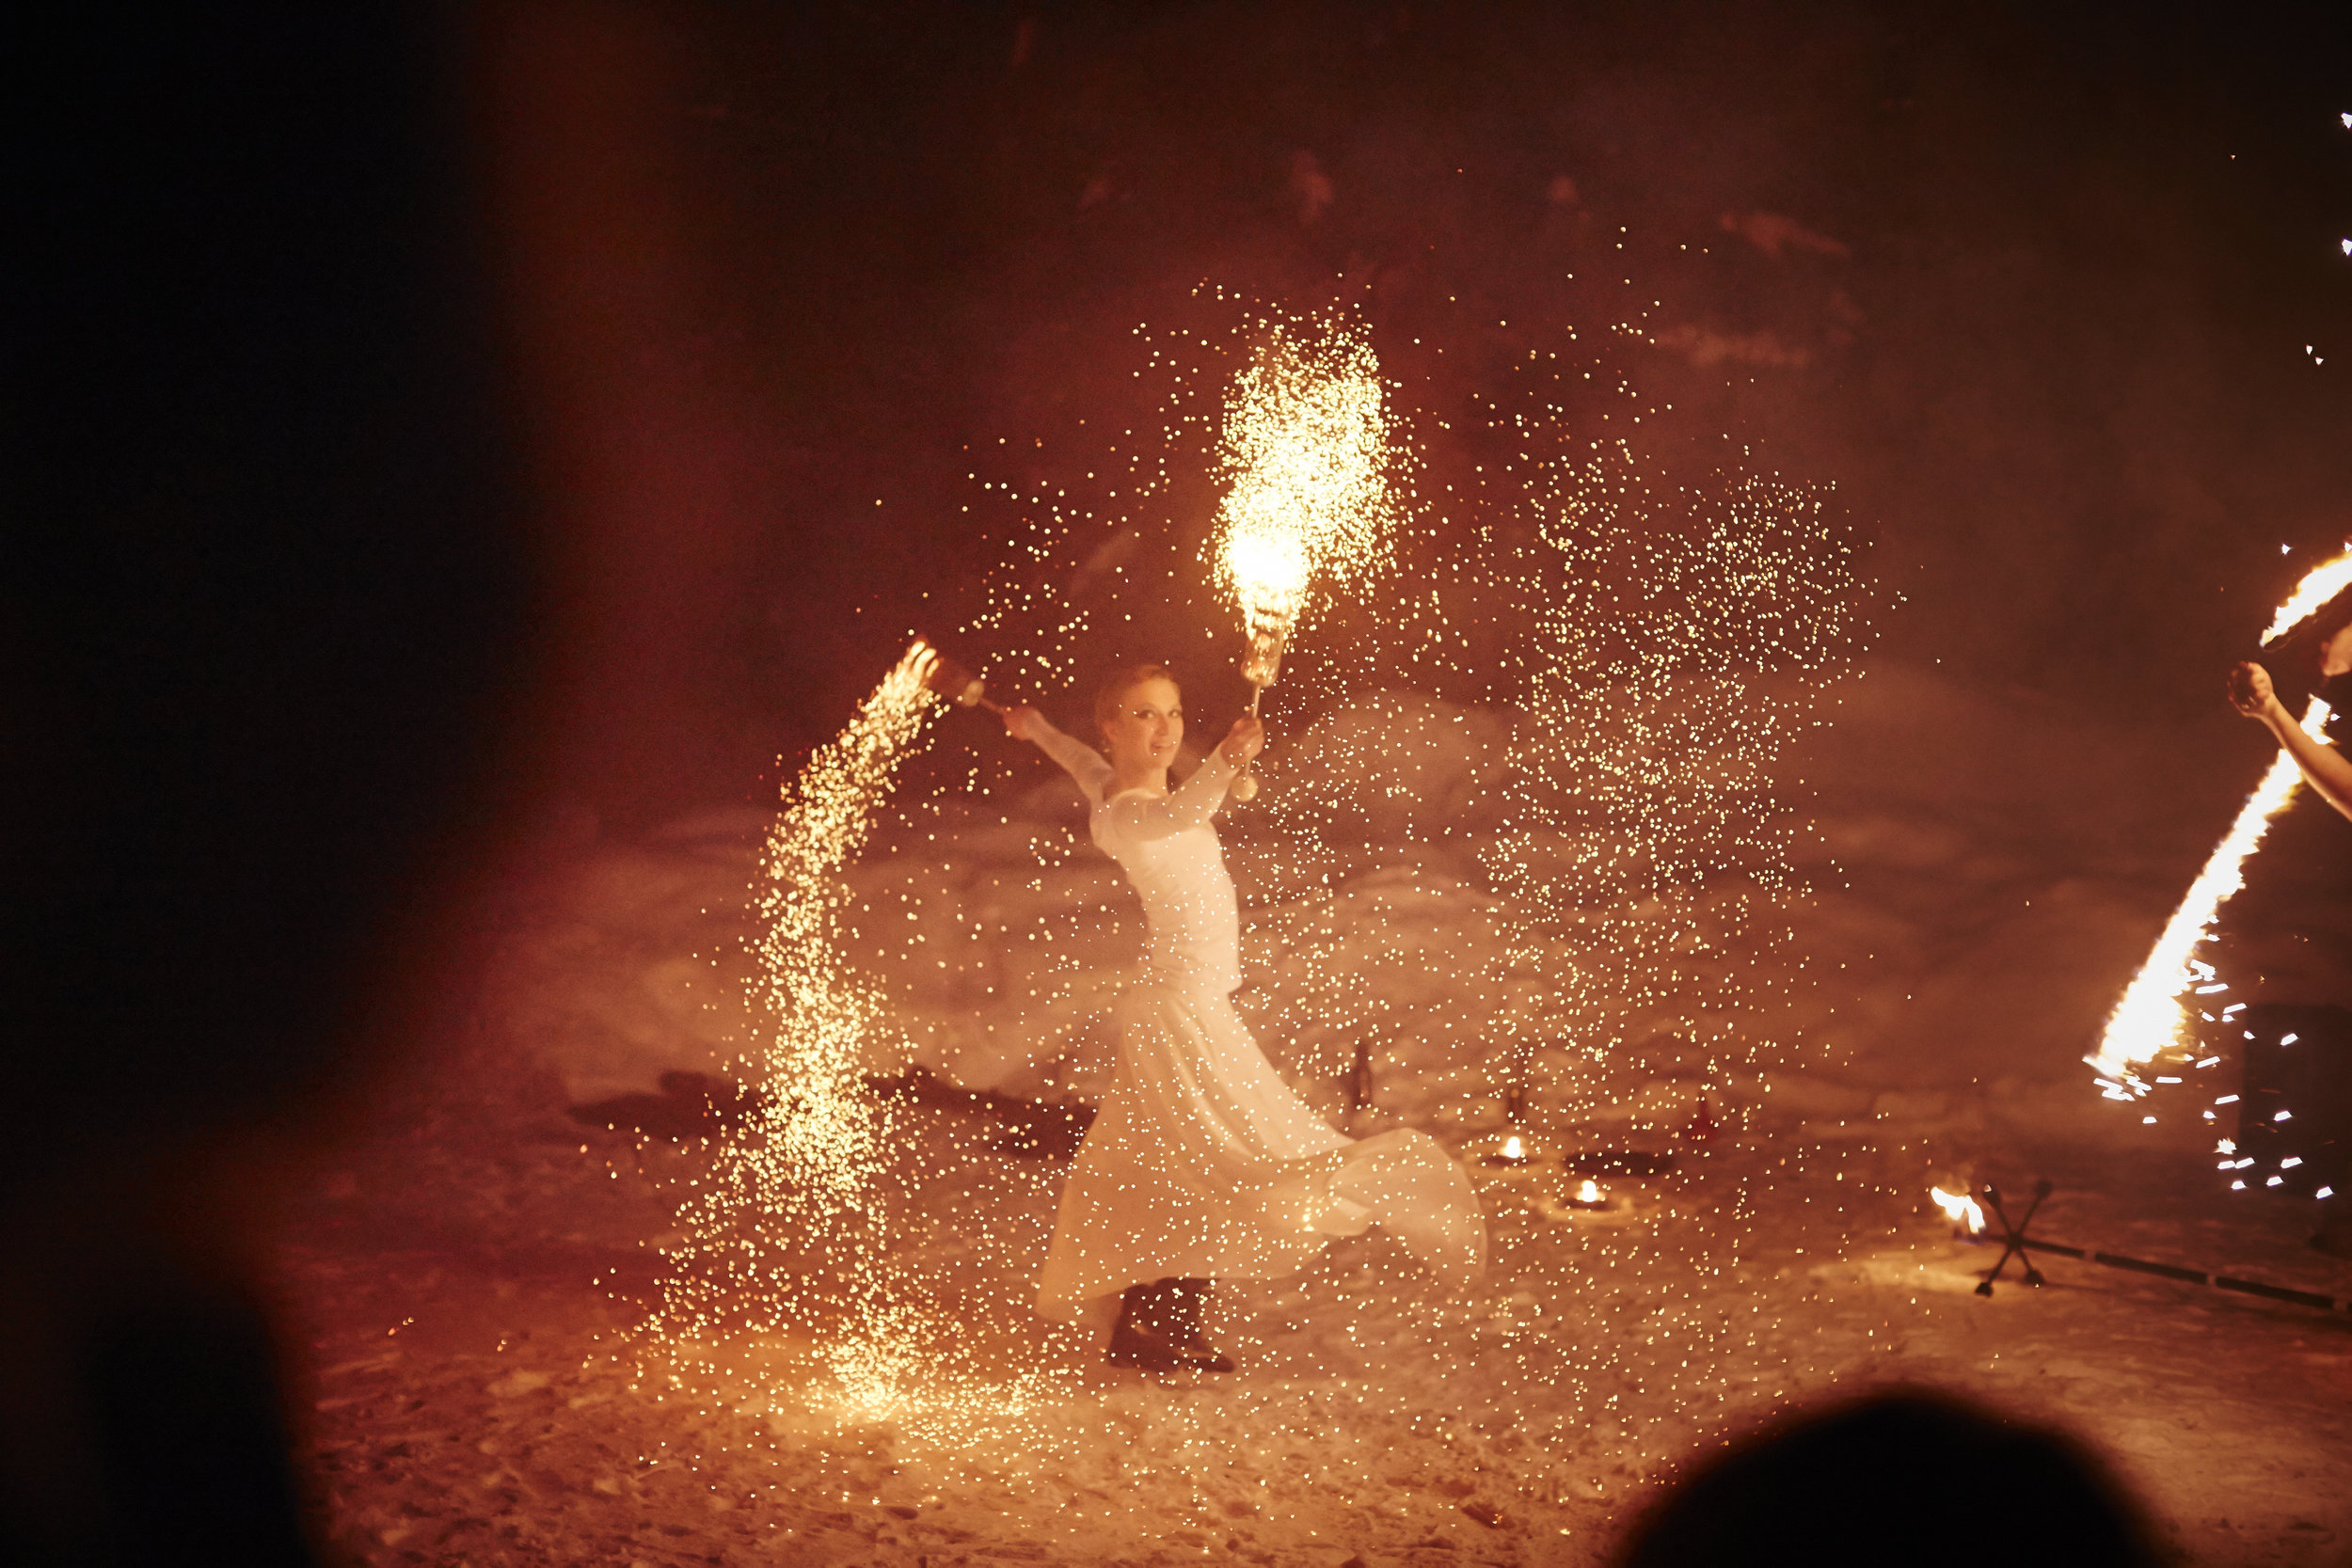 Momo Jorden och Linn Lut Karinsdotter, Illumina eldshow medverkar med sin magiska eldkonst på årets Midvinterglöd 10 december 2016 i Jättendal, Hälsingland.